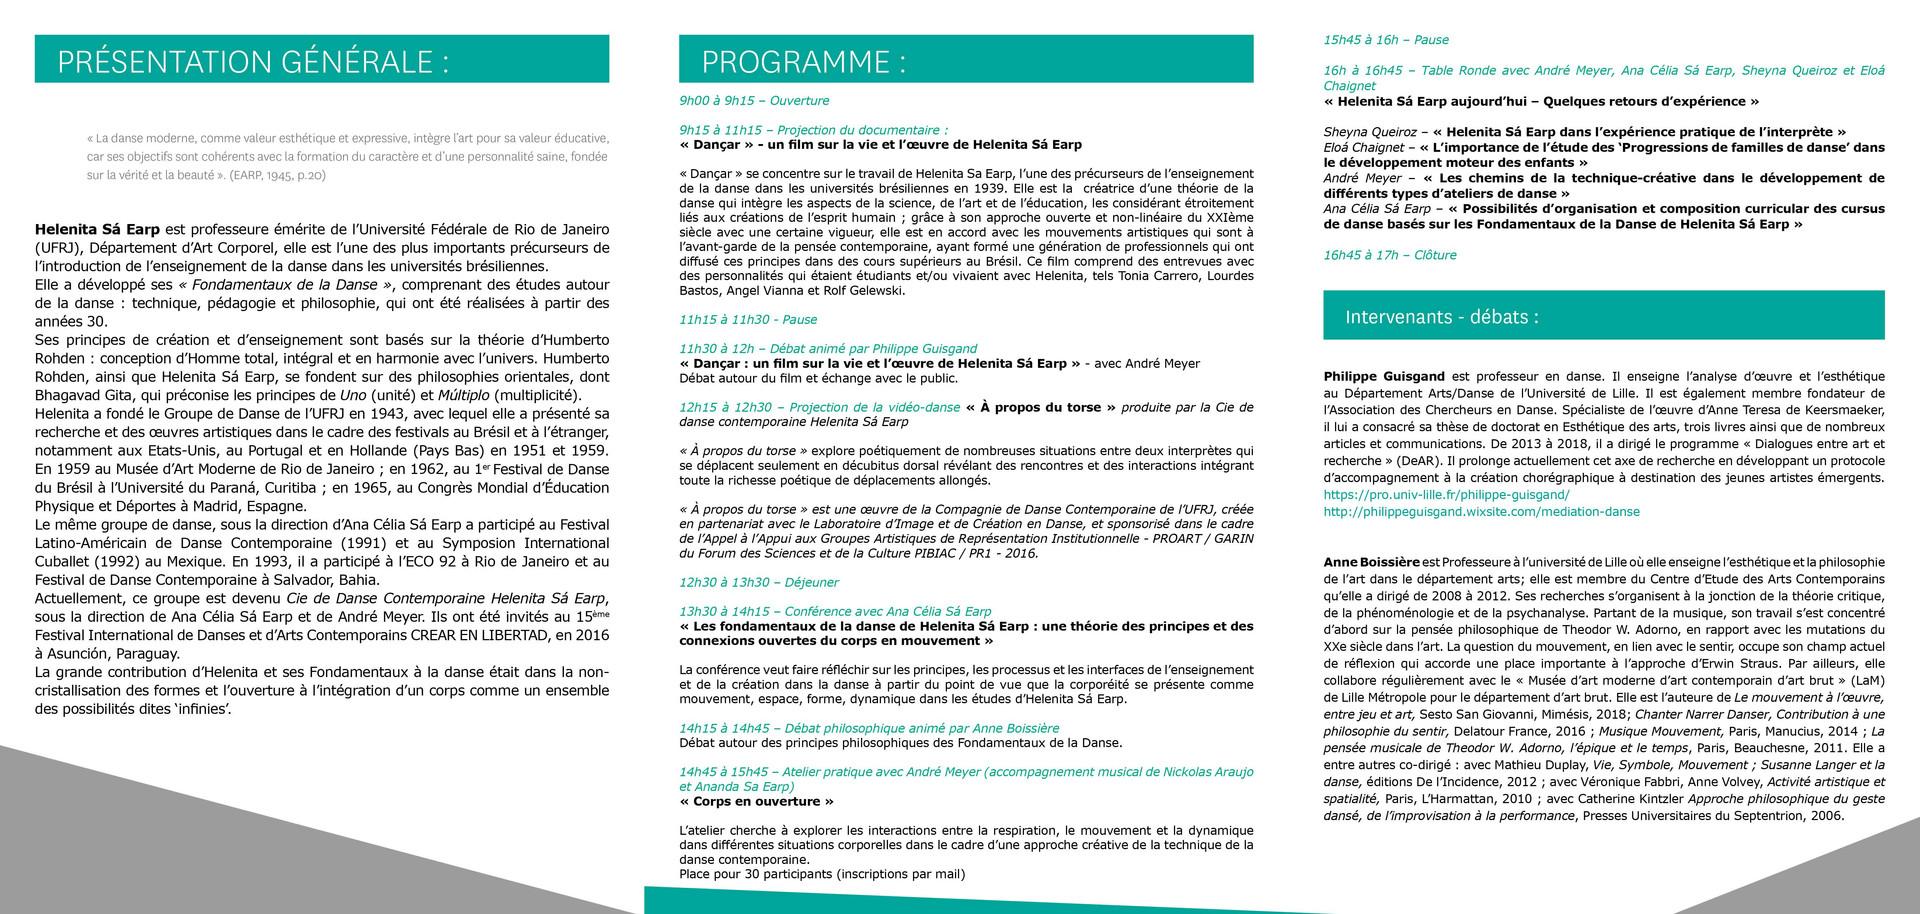 Le 21 novembre 2018 (Événement en partenariat entre l'Université de Lille et l'Université Fédérale de Rio de Janeiro)